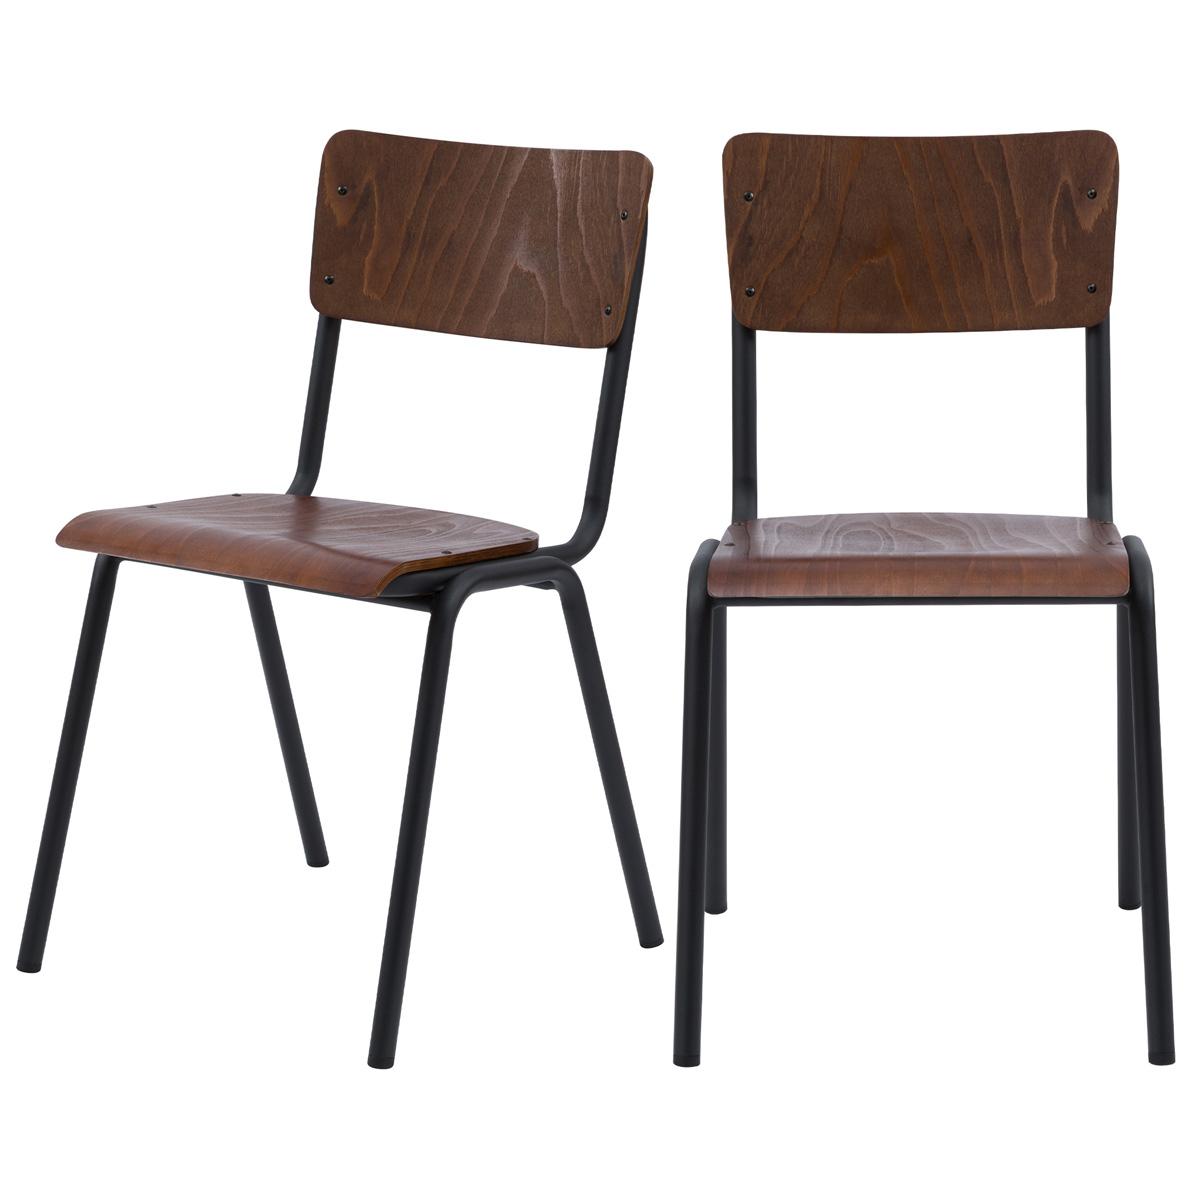 Chaise en bois foncé et pieds en métal noir (lot de 2)